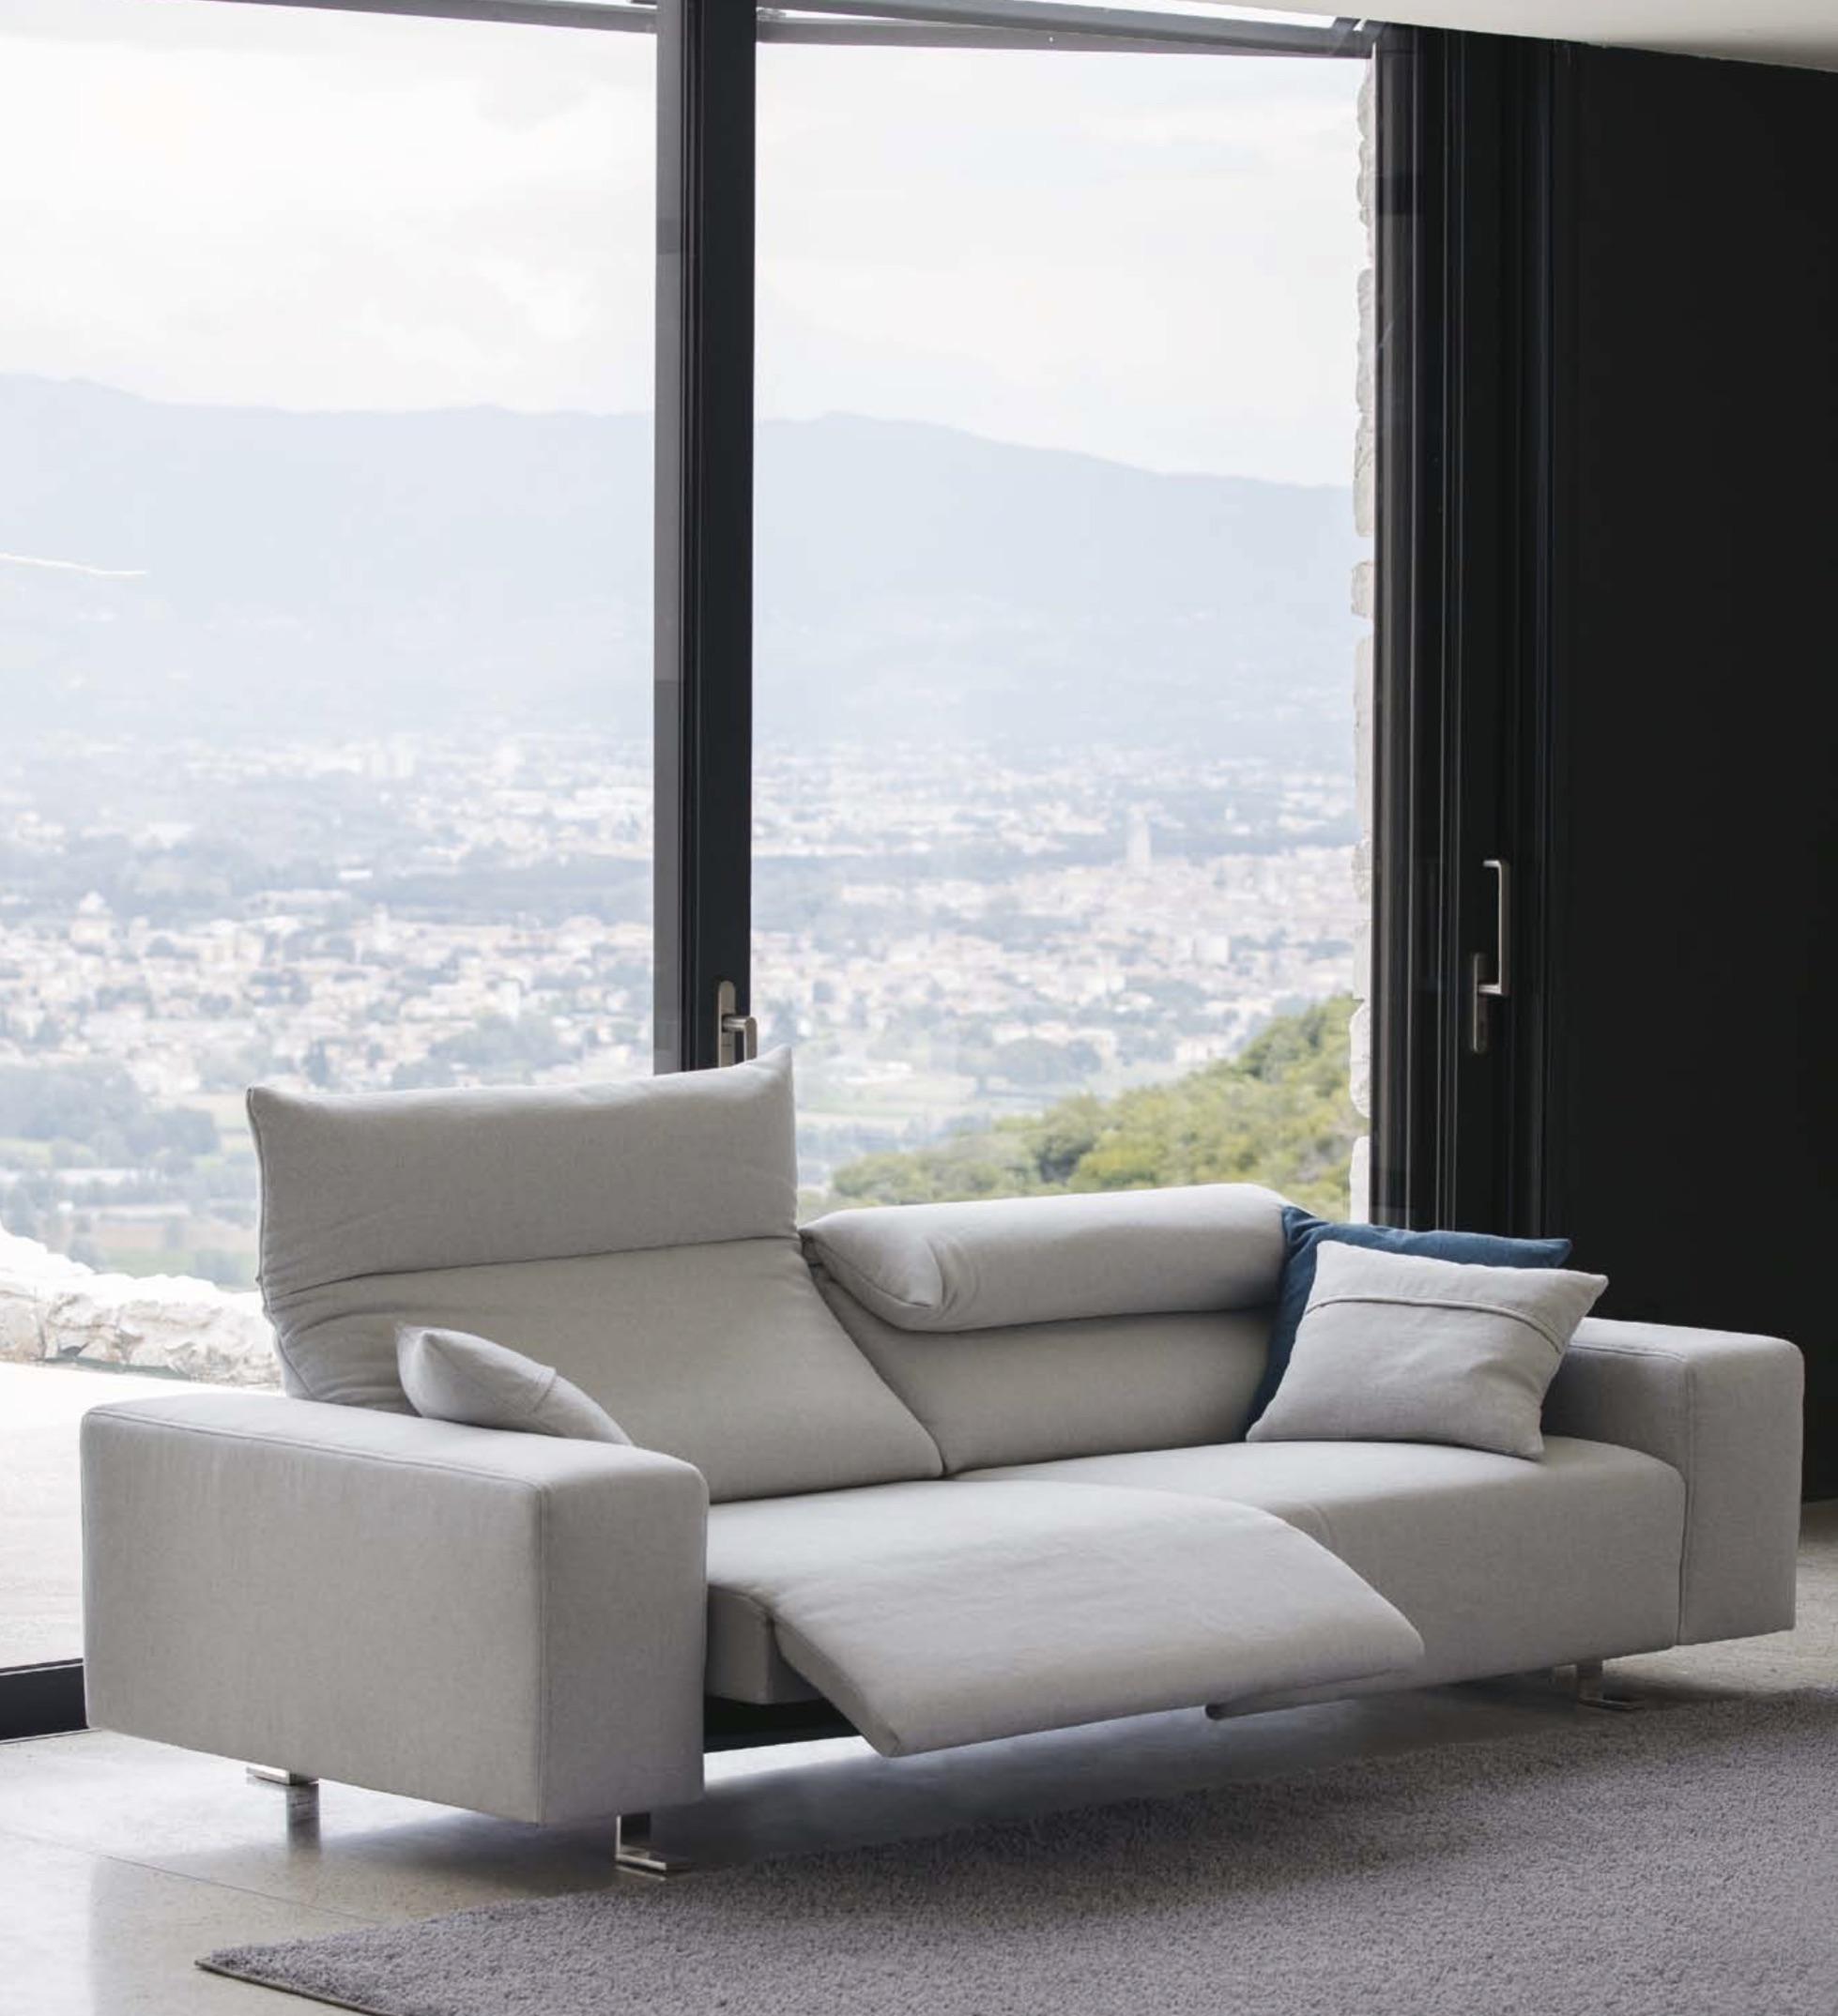 Italian Sofas At Momentoitalia – Modern Sofas,designer Sofas Pertaining To Modern Sofas (Image 7 of 20)